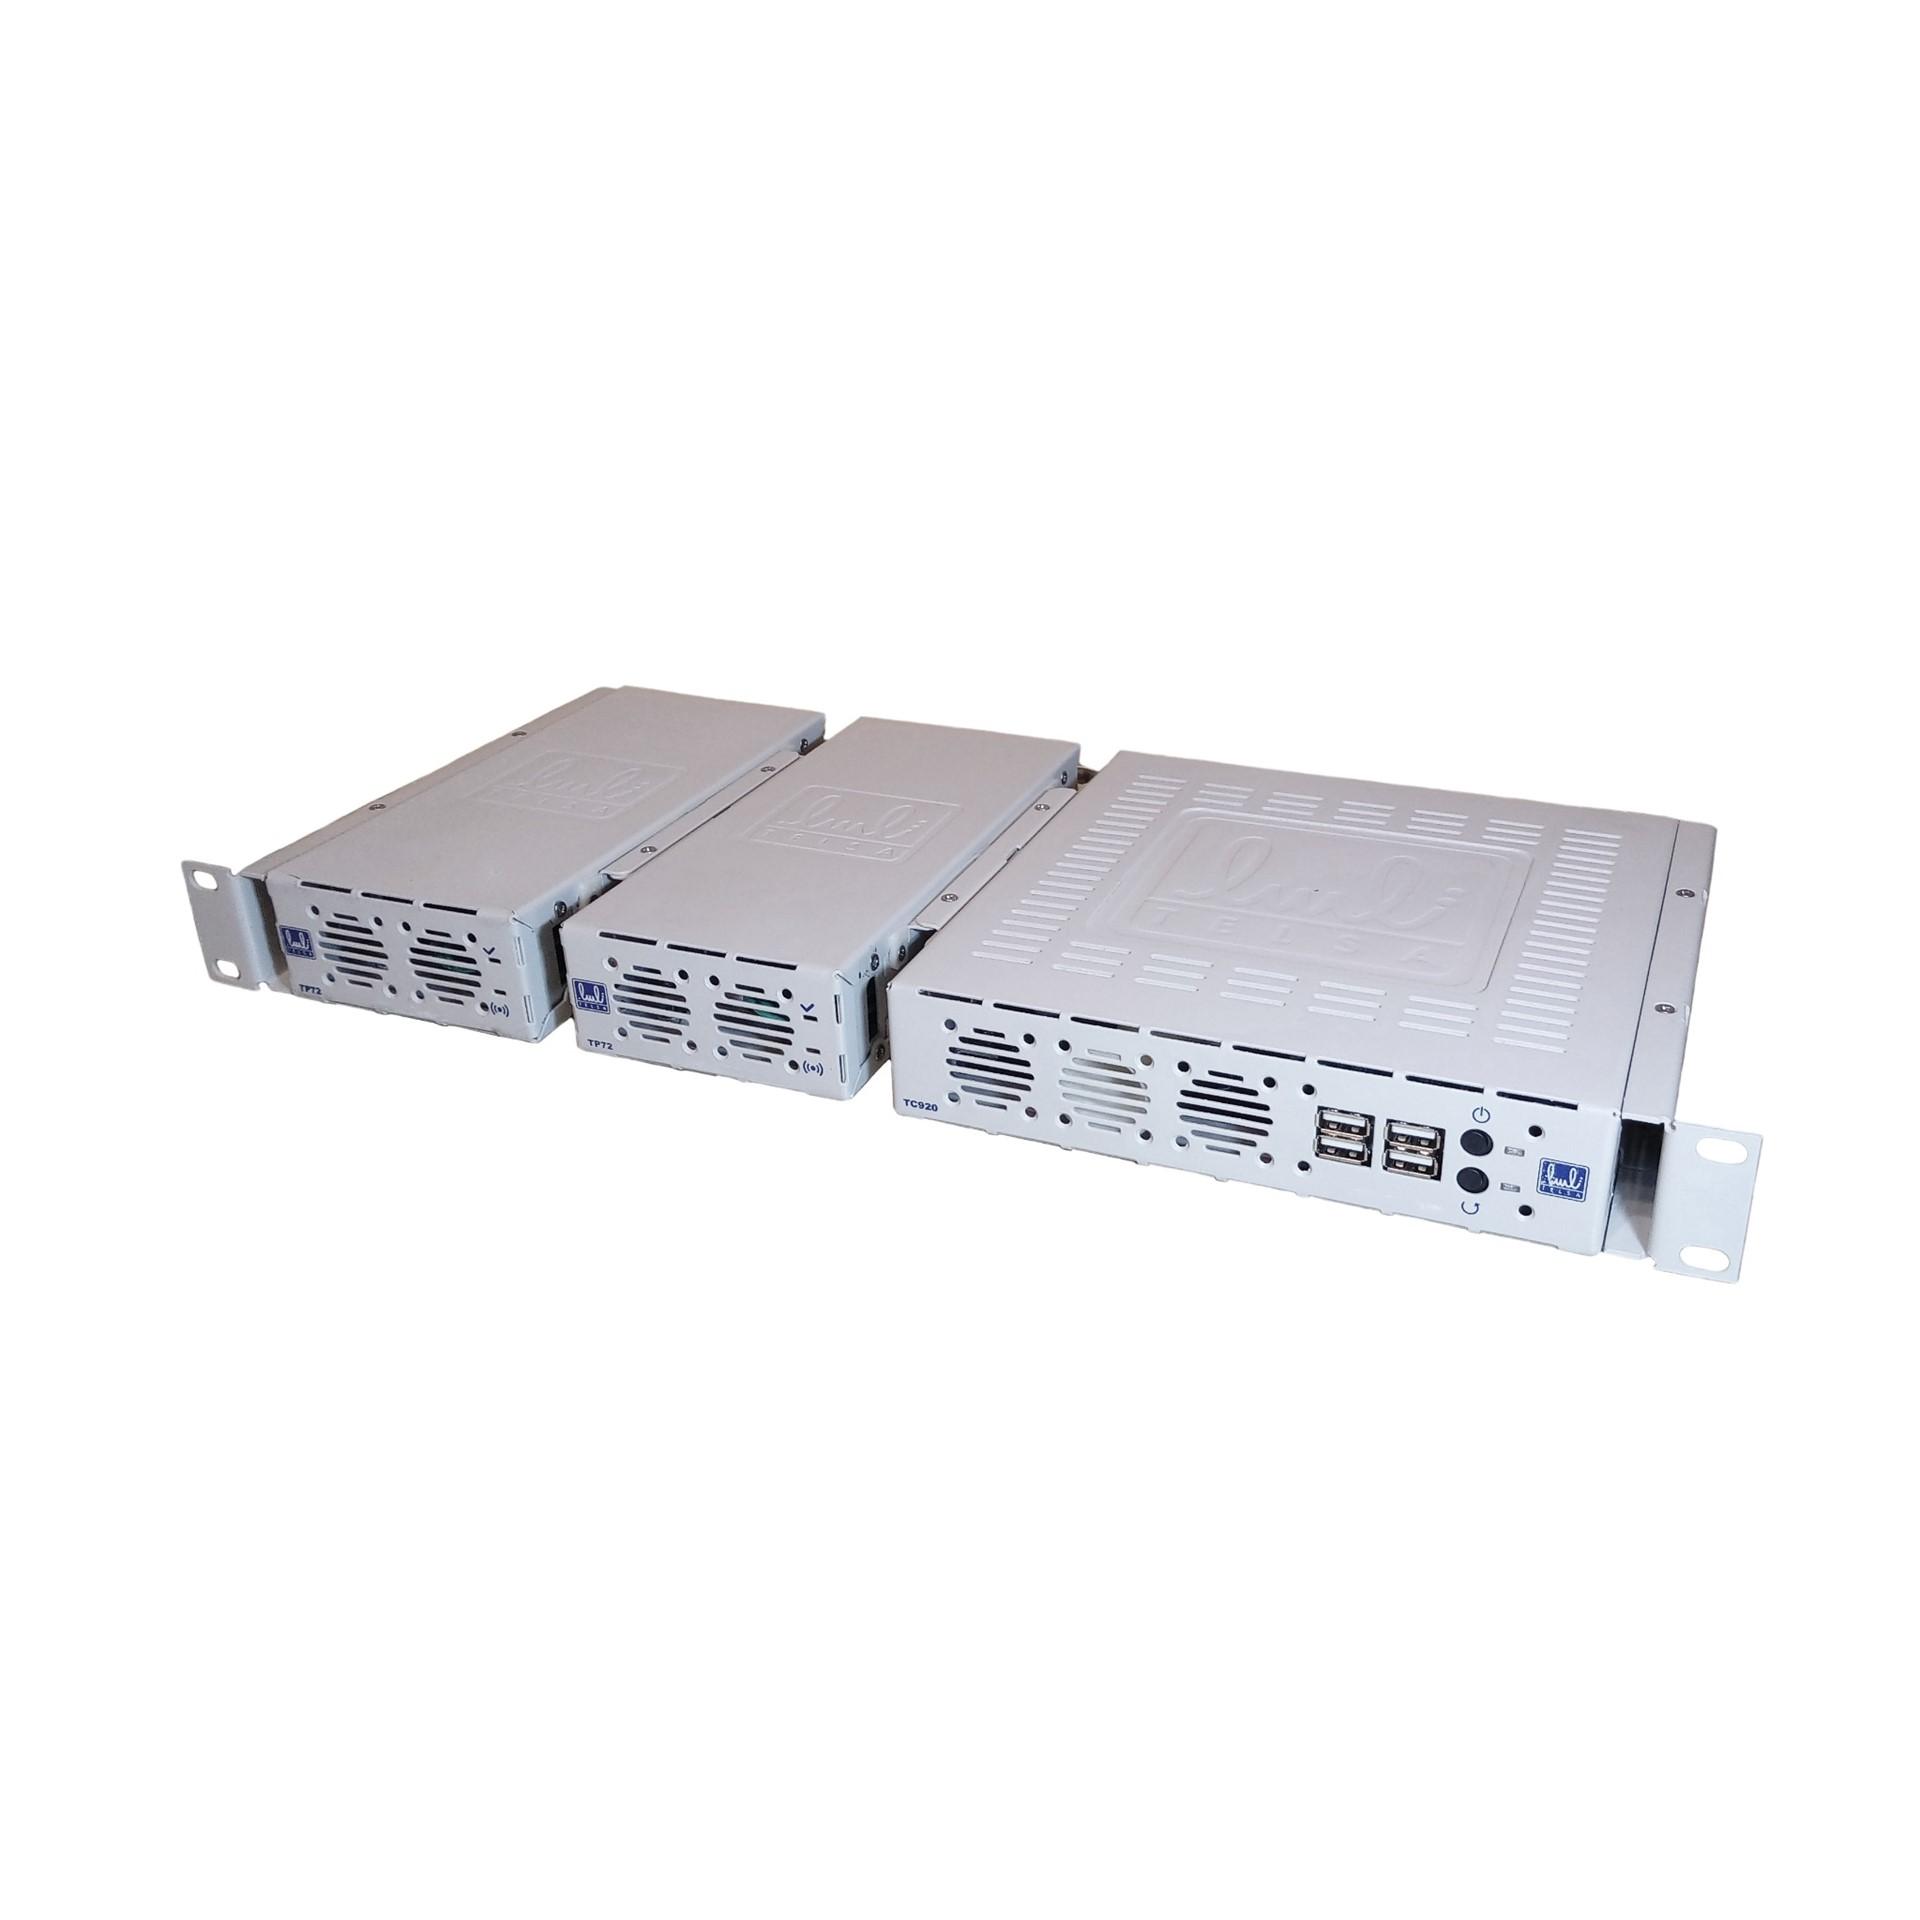 کامپیوتر سرور تلسا مدل TC920-44